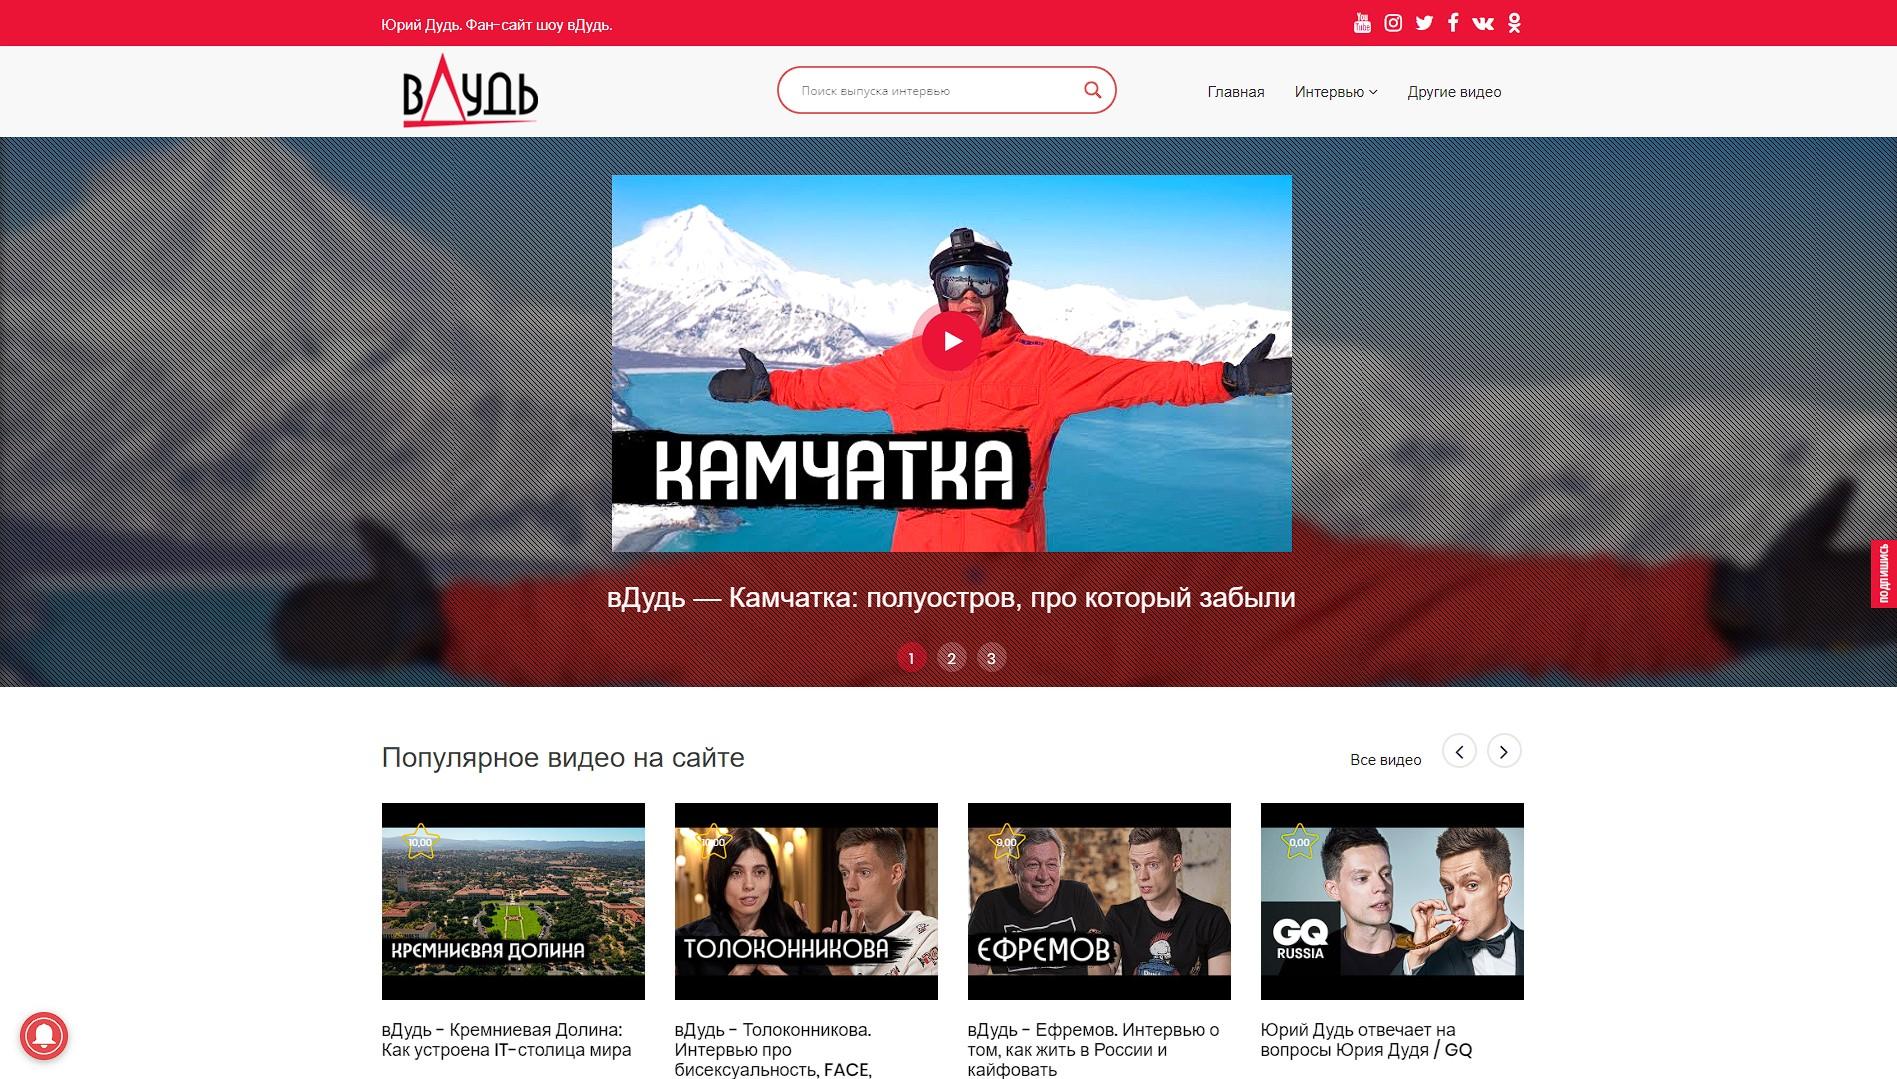 Сайт-портфолио Фан-сайт шоу вДудь